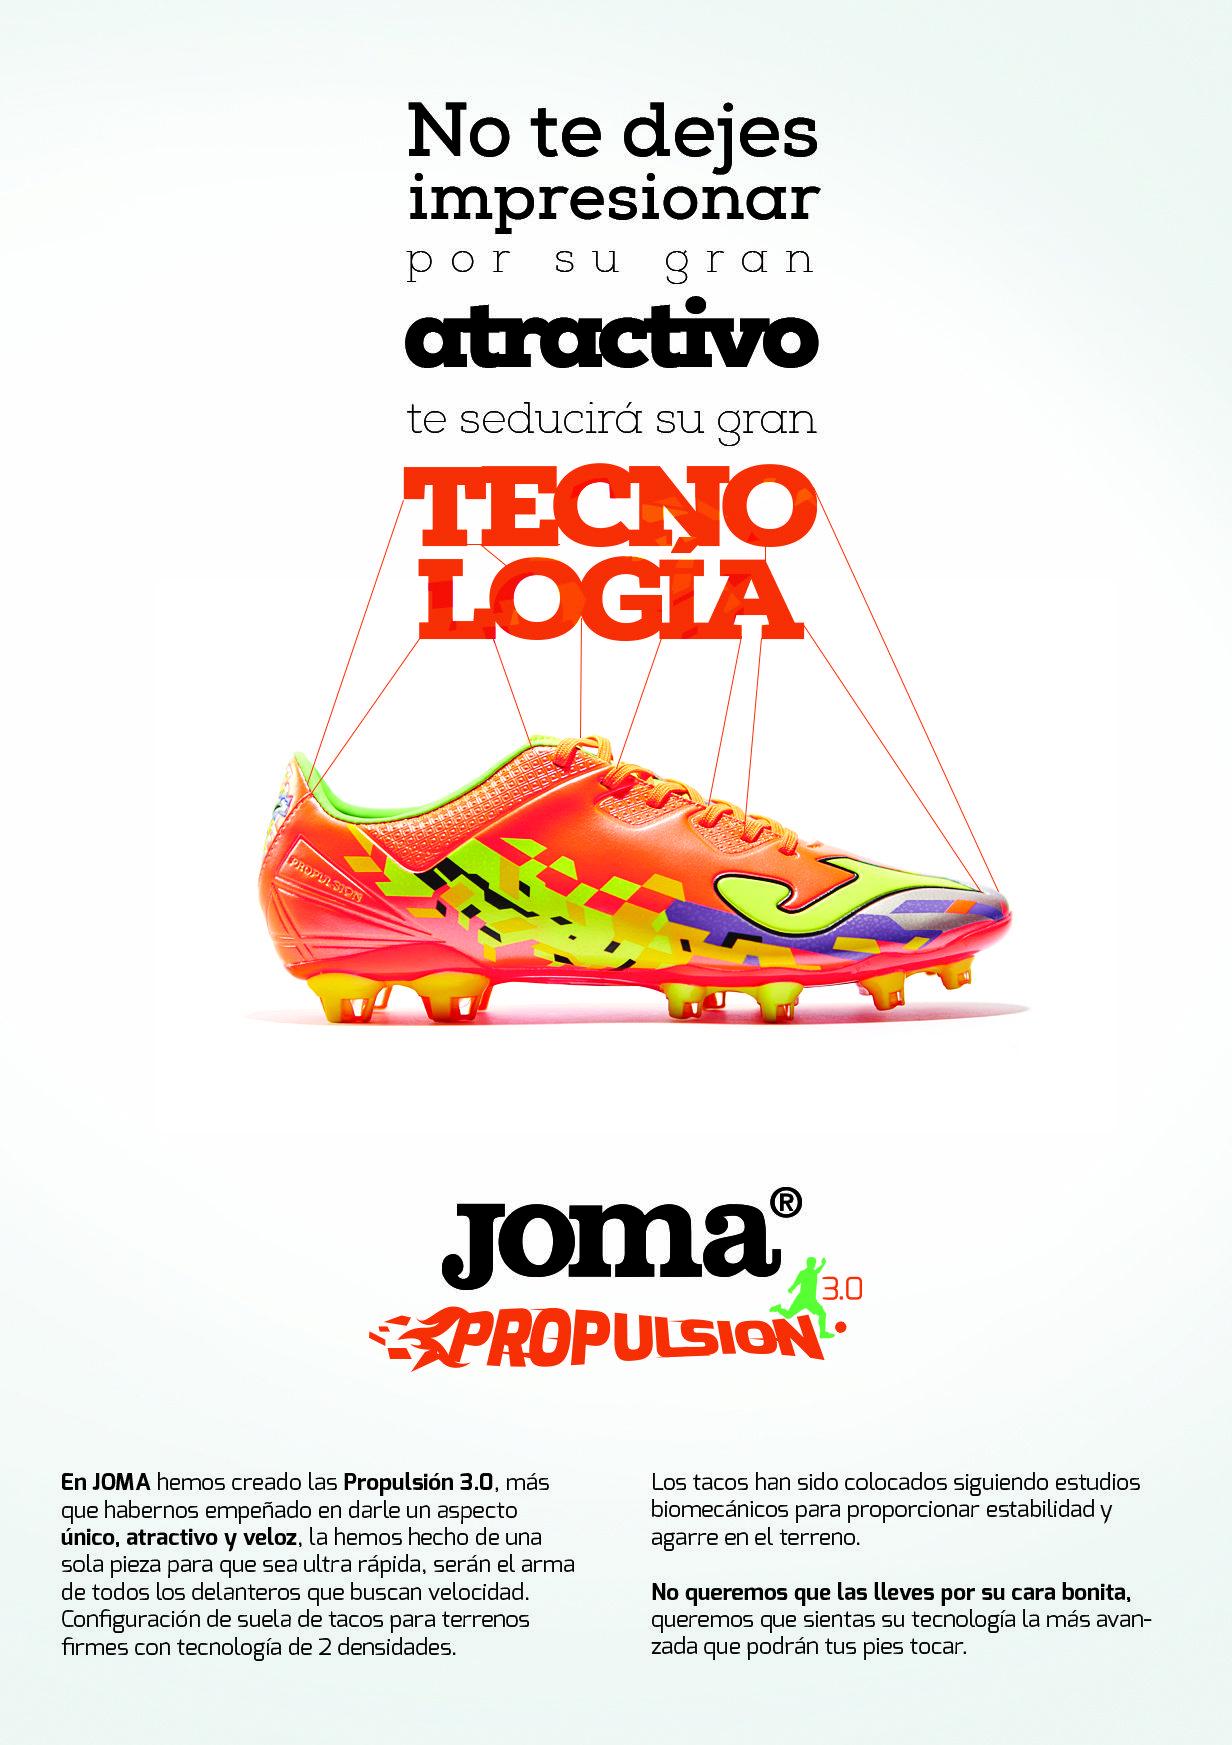 Campa A De Publicidad Para Productos Joma Brandesign